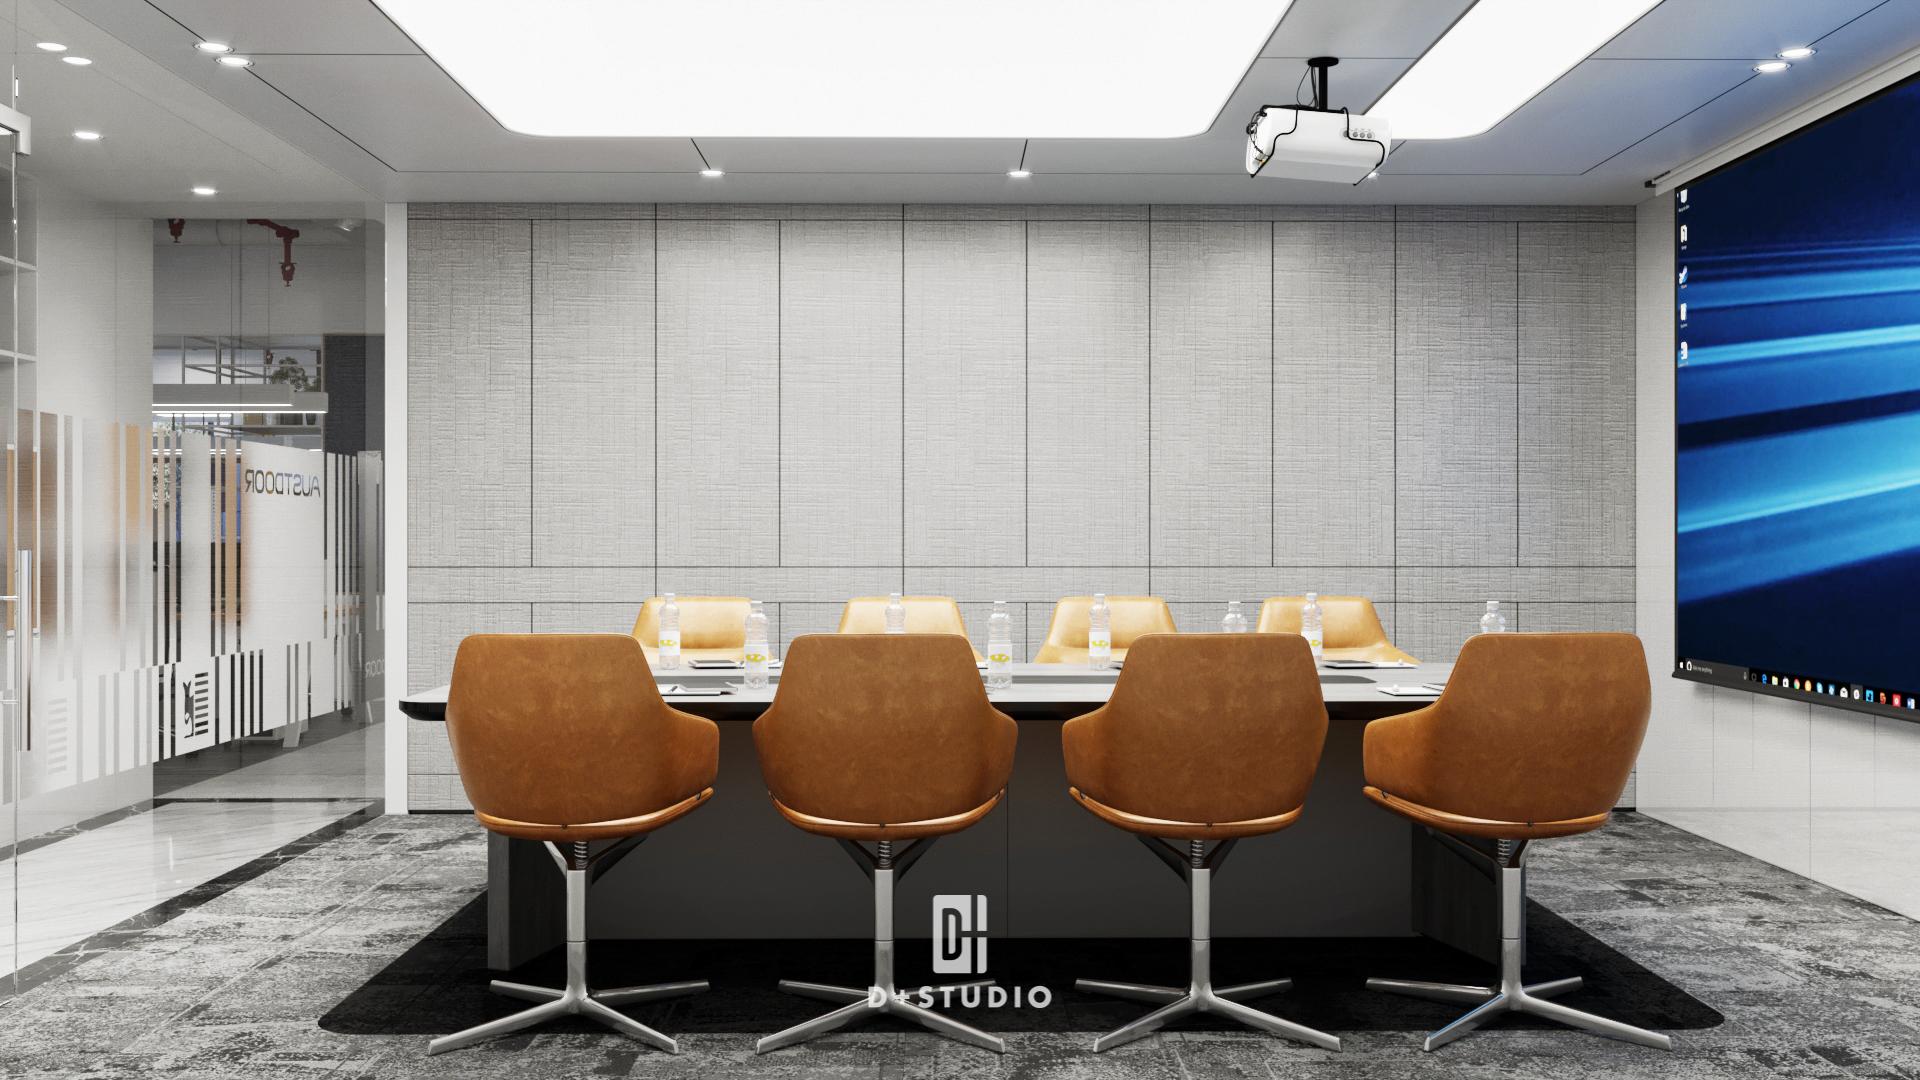 Phòng họp trở nên hiện đại và chuyên nghiệp hơn với tông màu trắng xám